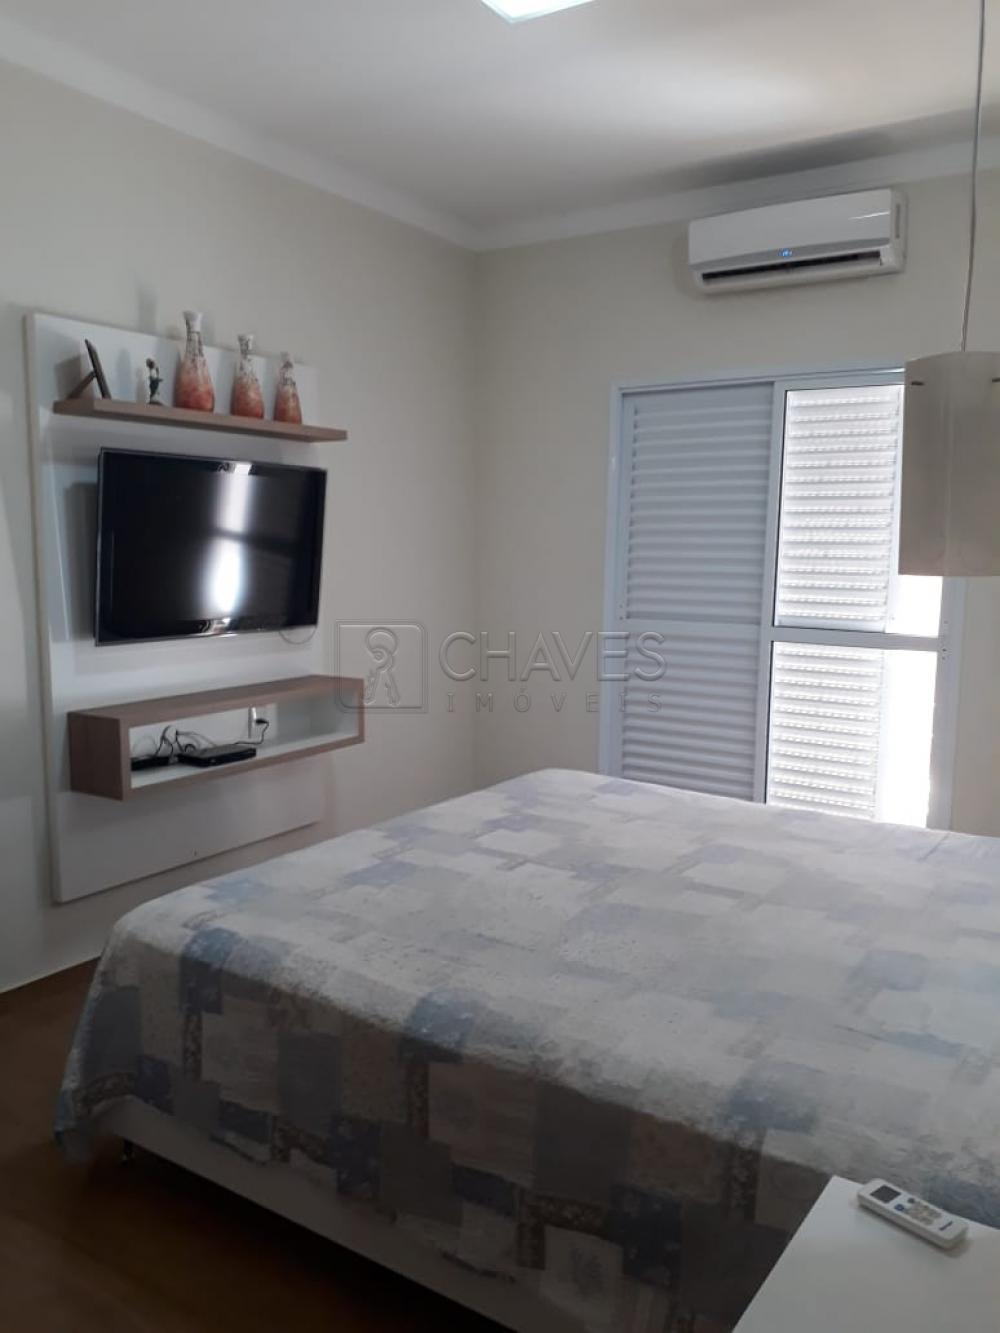 Comprar Casa / Condomínio em Ribeirão Preto apenas R$ 730.000,00 - Foto 16